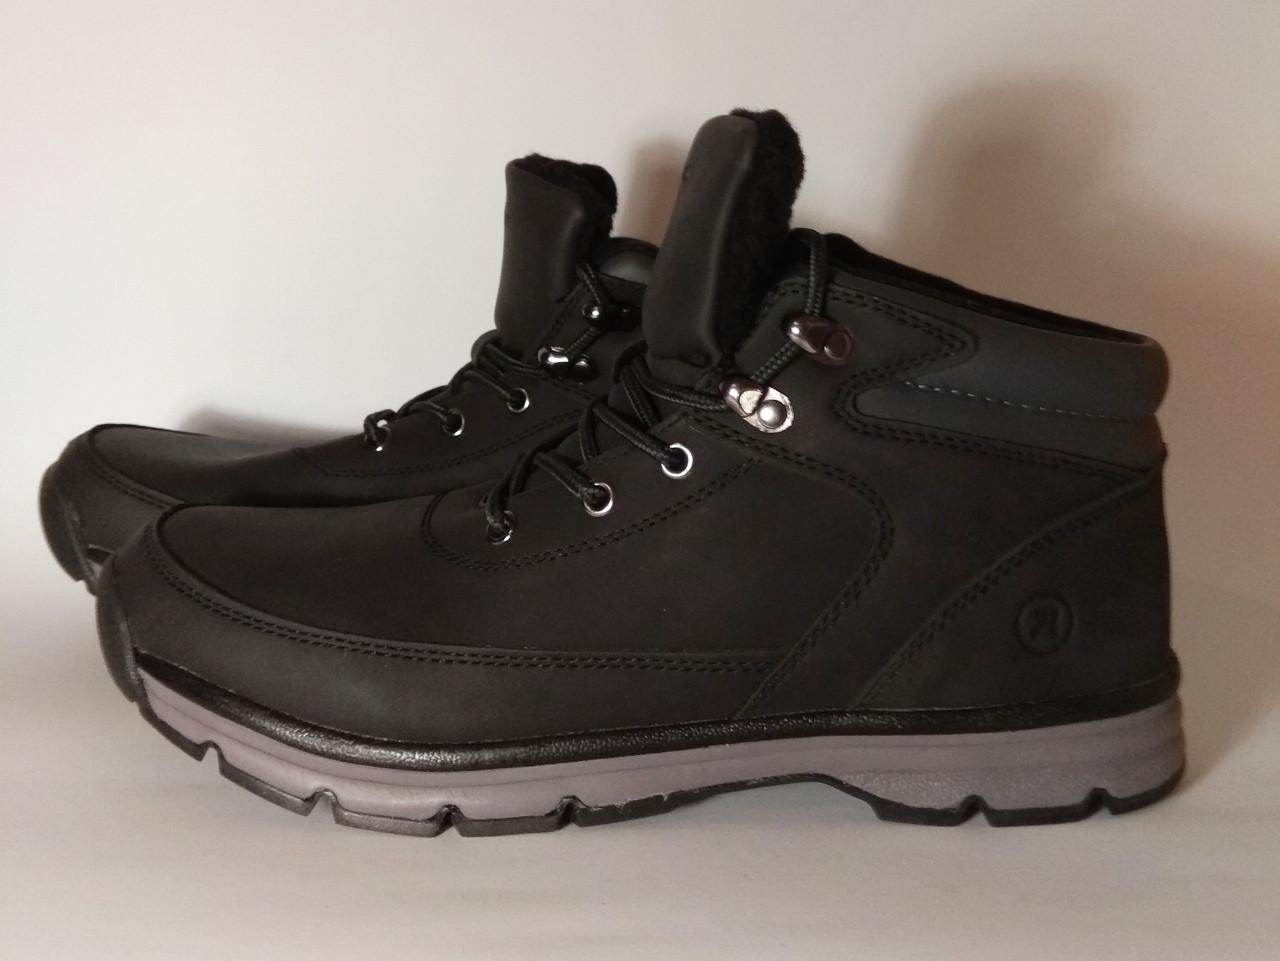 Зимние ботинки  Restime на меху 41-46  размеры, ботинки из нуббука, крепкие зимние ботинки, зимние кроссовки,